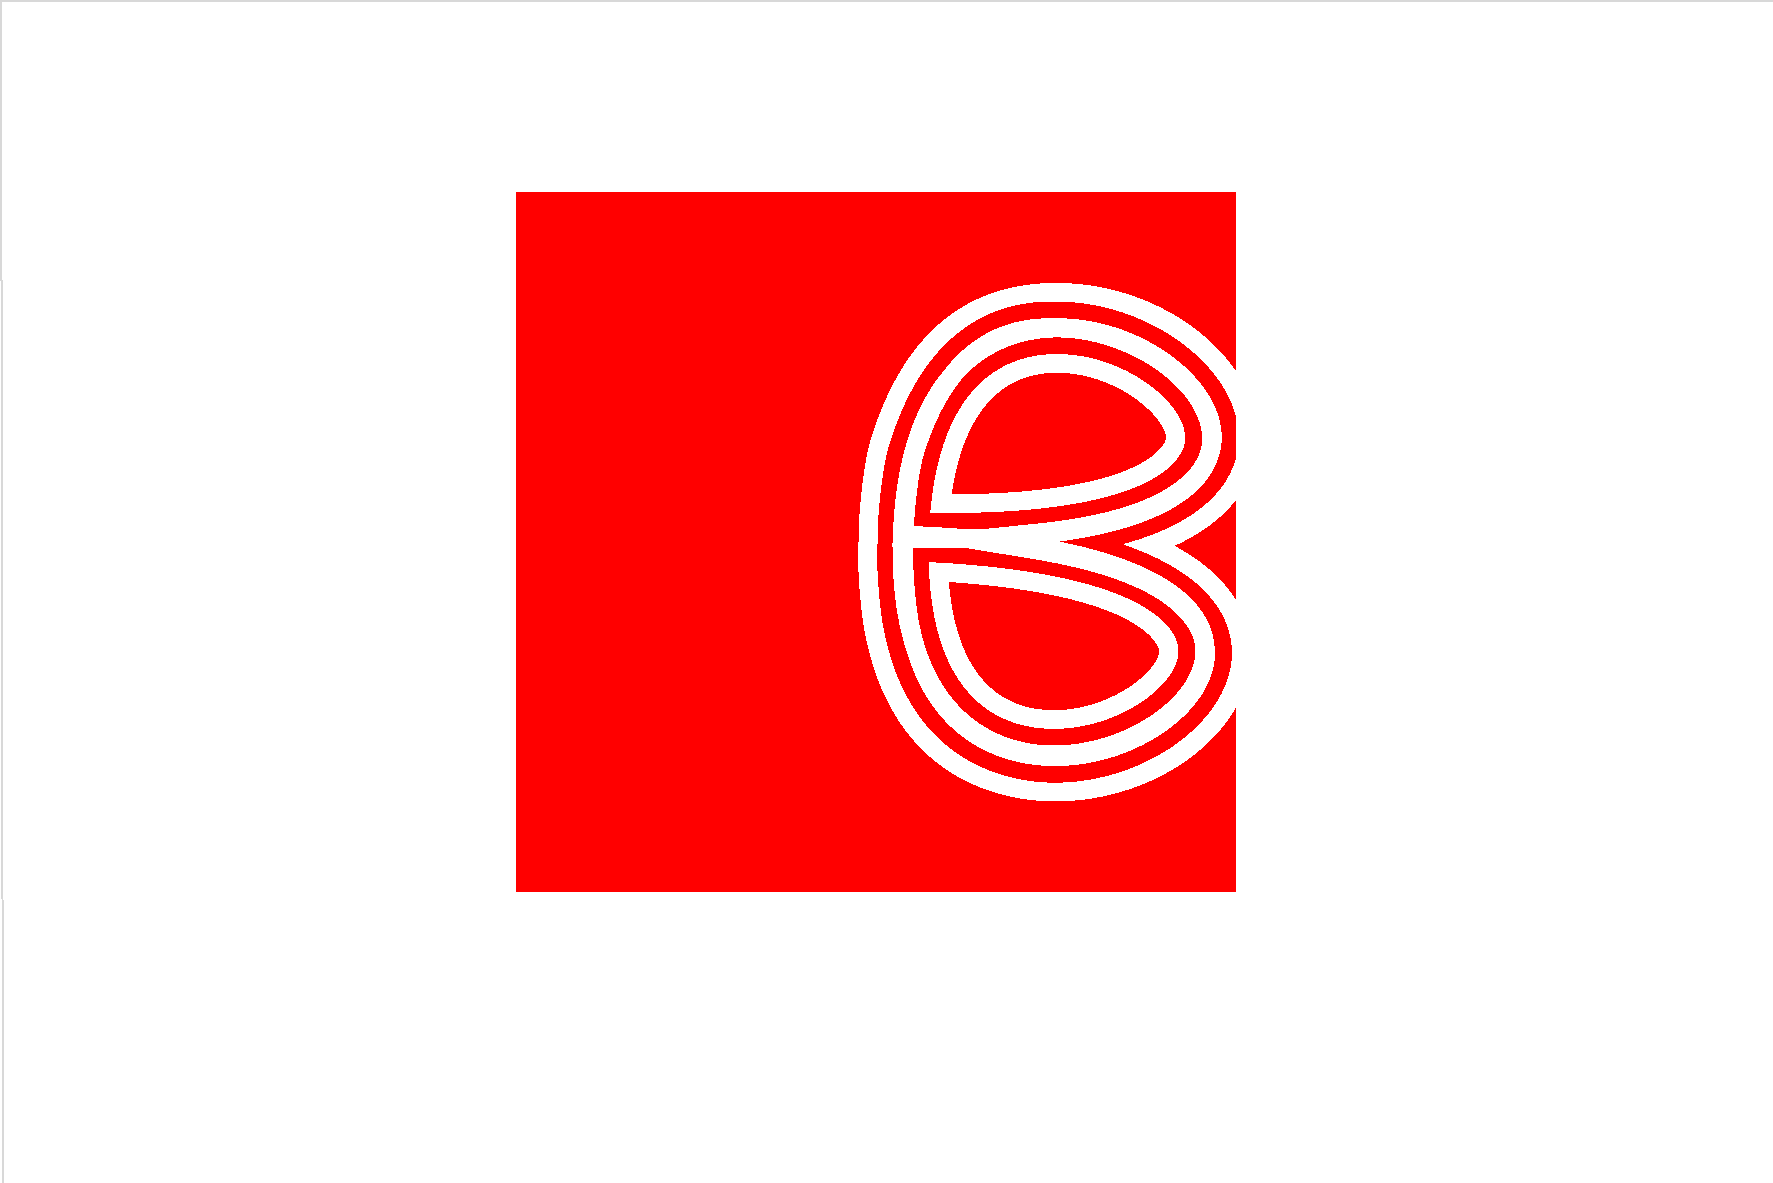 Логотип и фирменный стиль для транспортной компании Владтрансавто фото f_4305cdec55ddc753.png